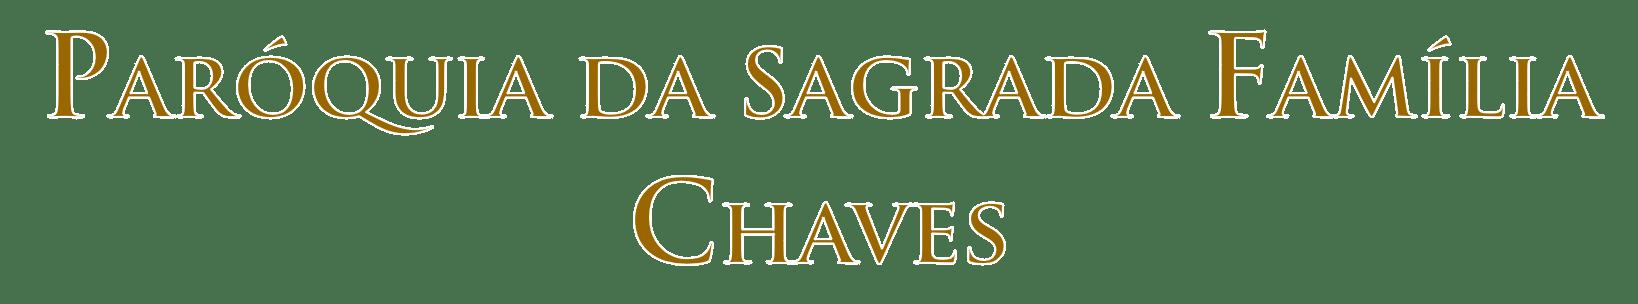 Paróquia da Sagrada Família Chaves